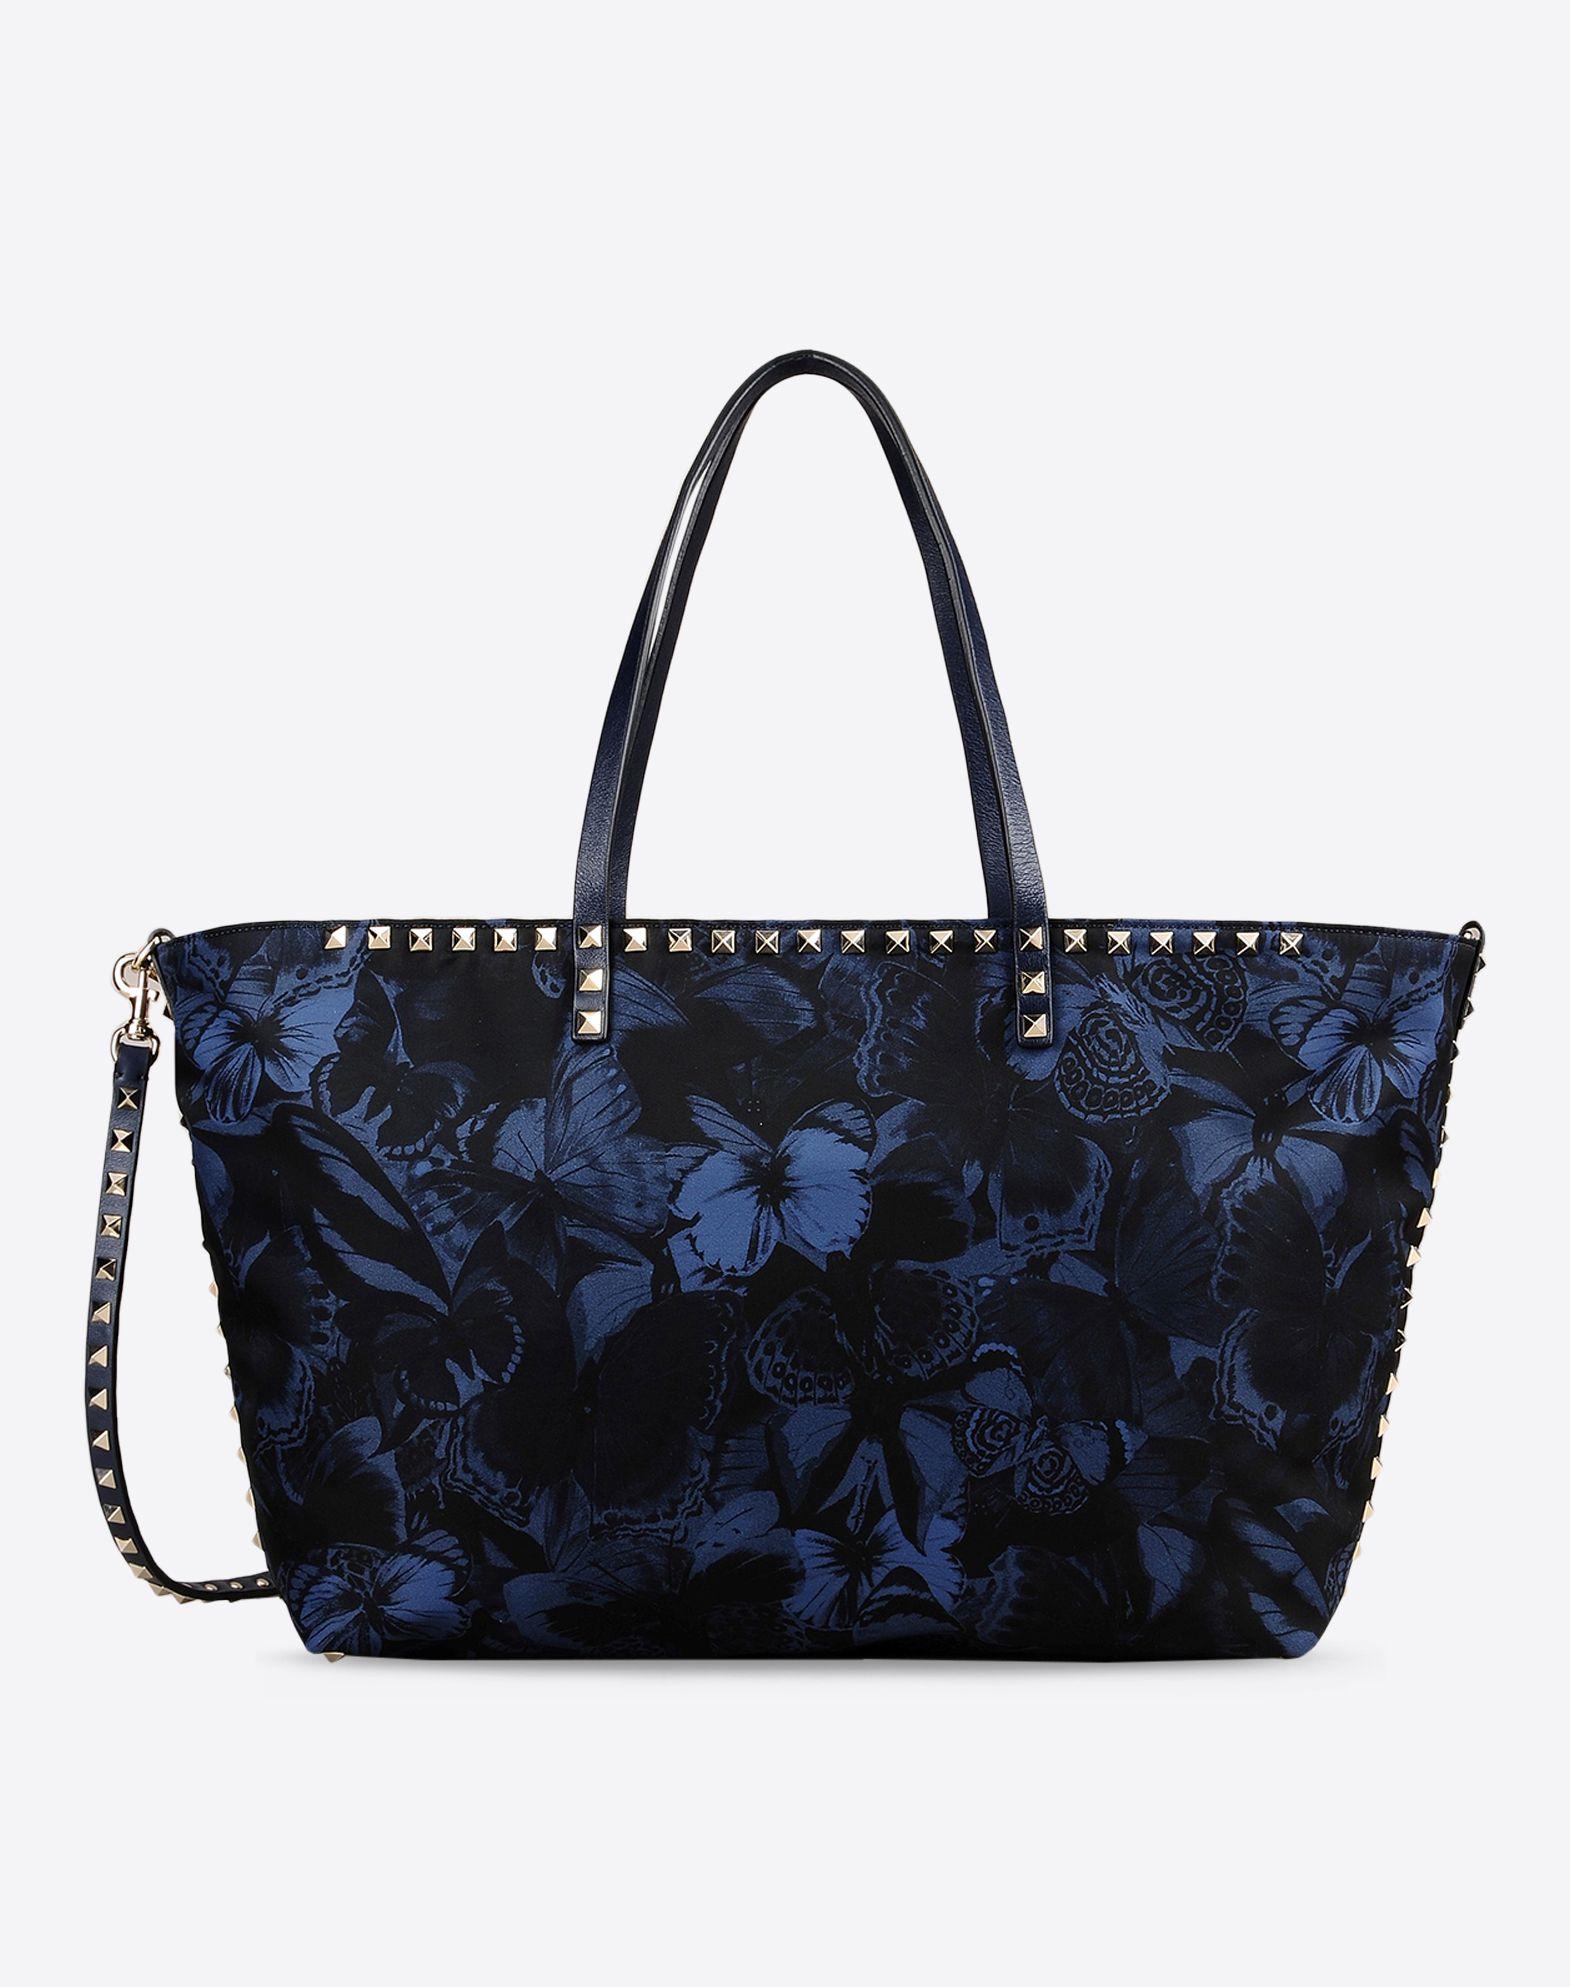 Borsa shopping piccola in nylon con stampa camu Butterfly. Manici in vitello e borchie platinate. la tracolla è removibile (1290 €)